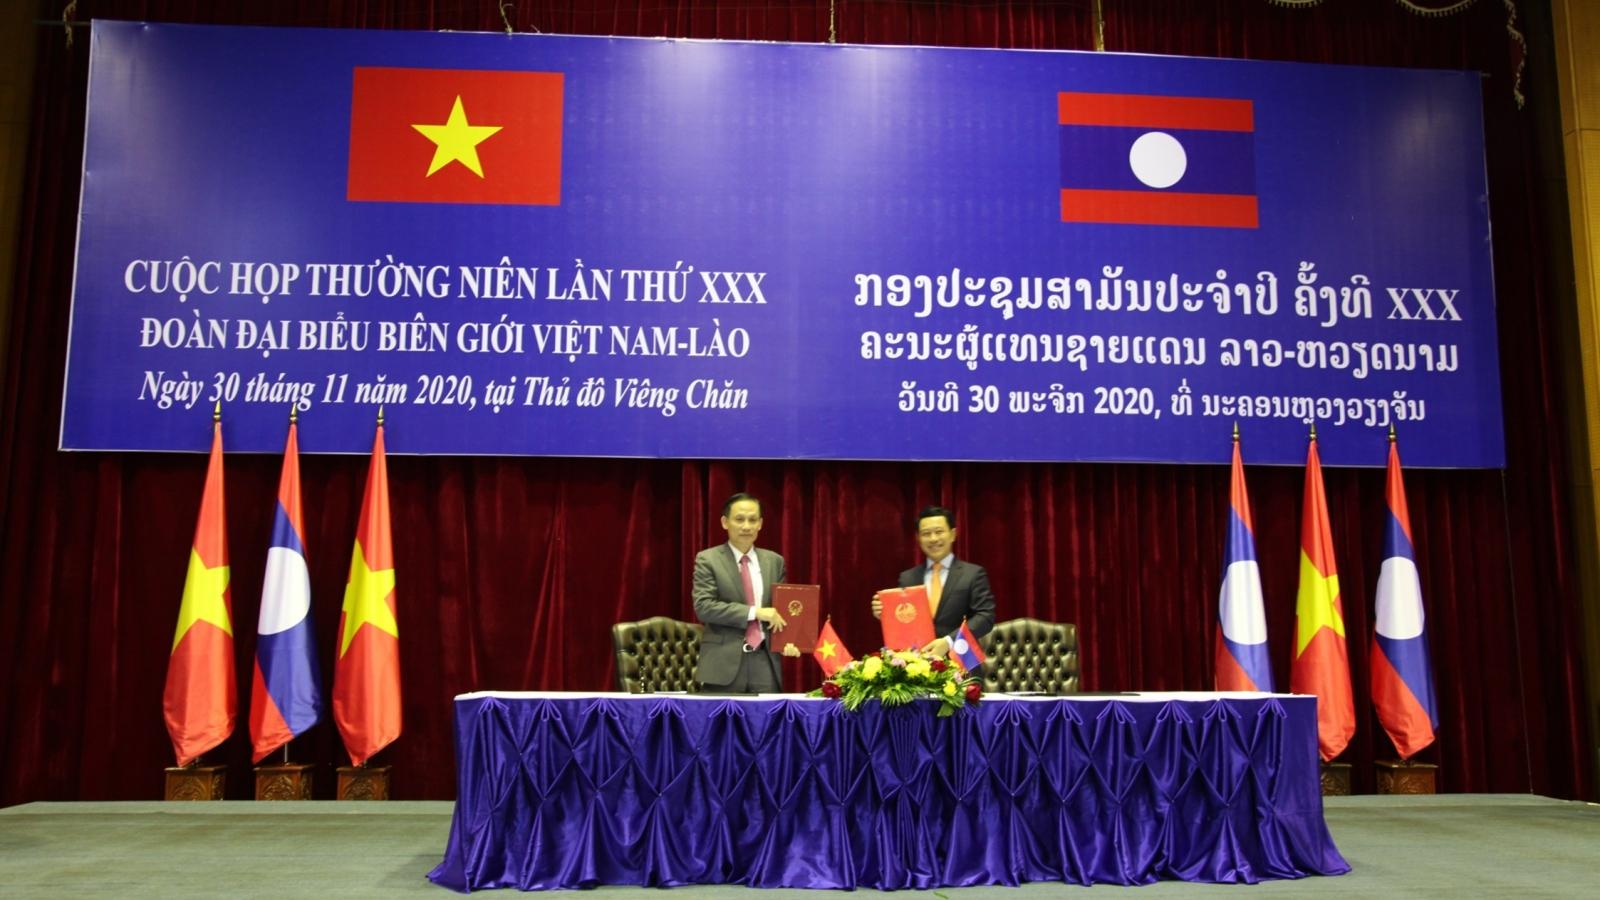 Việt Nam – Lào trao đổi về quản lý biên giới và cửa khẩu